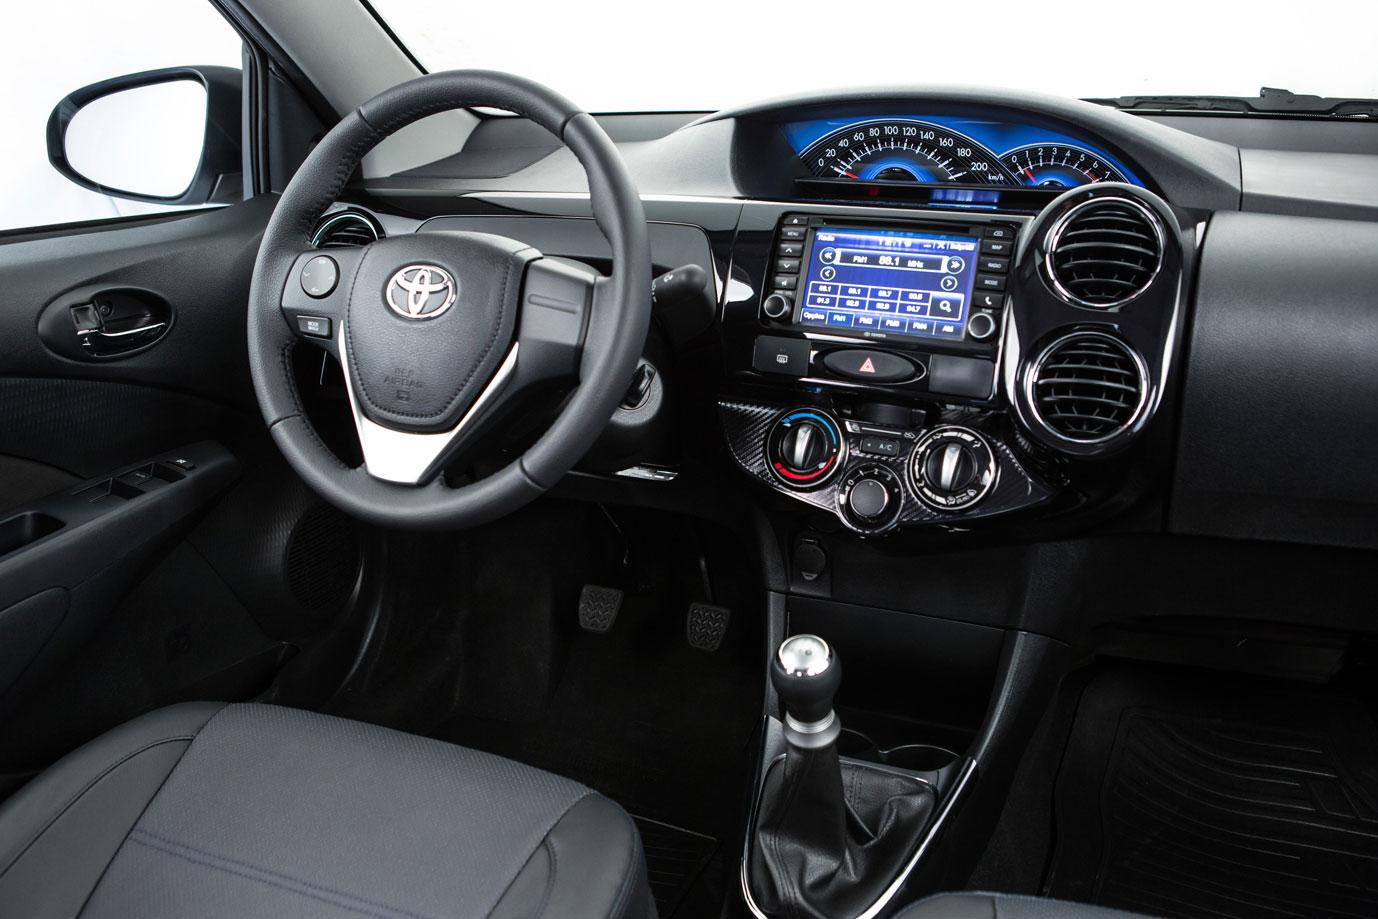 Novo toyota etios 2016 sedan pre o consumo opini es for 4 puertas xls 6mt